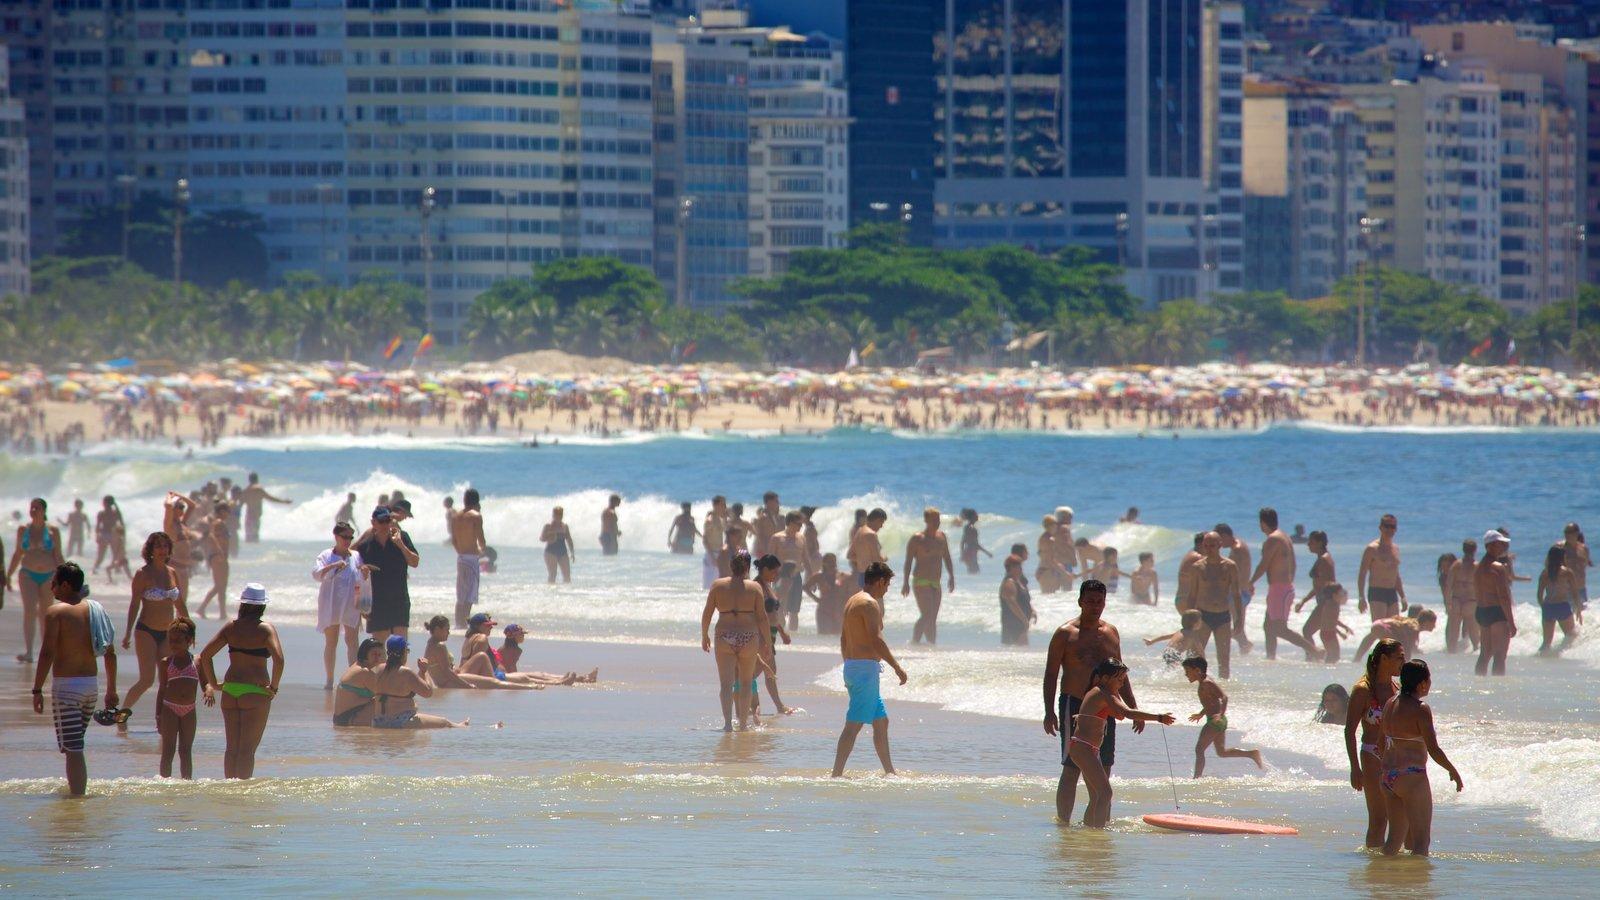 Praia de Copacabana que inclui uma praia de areia e natação assim como um grande grupo de pessoas